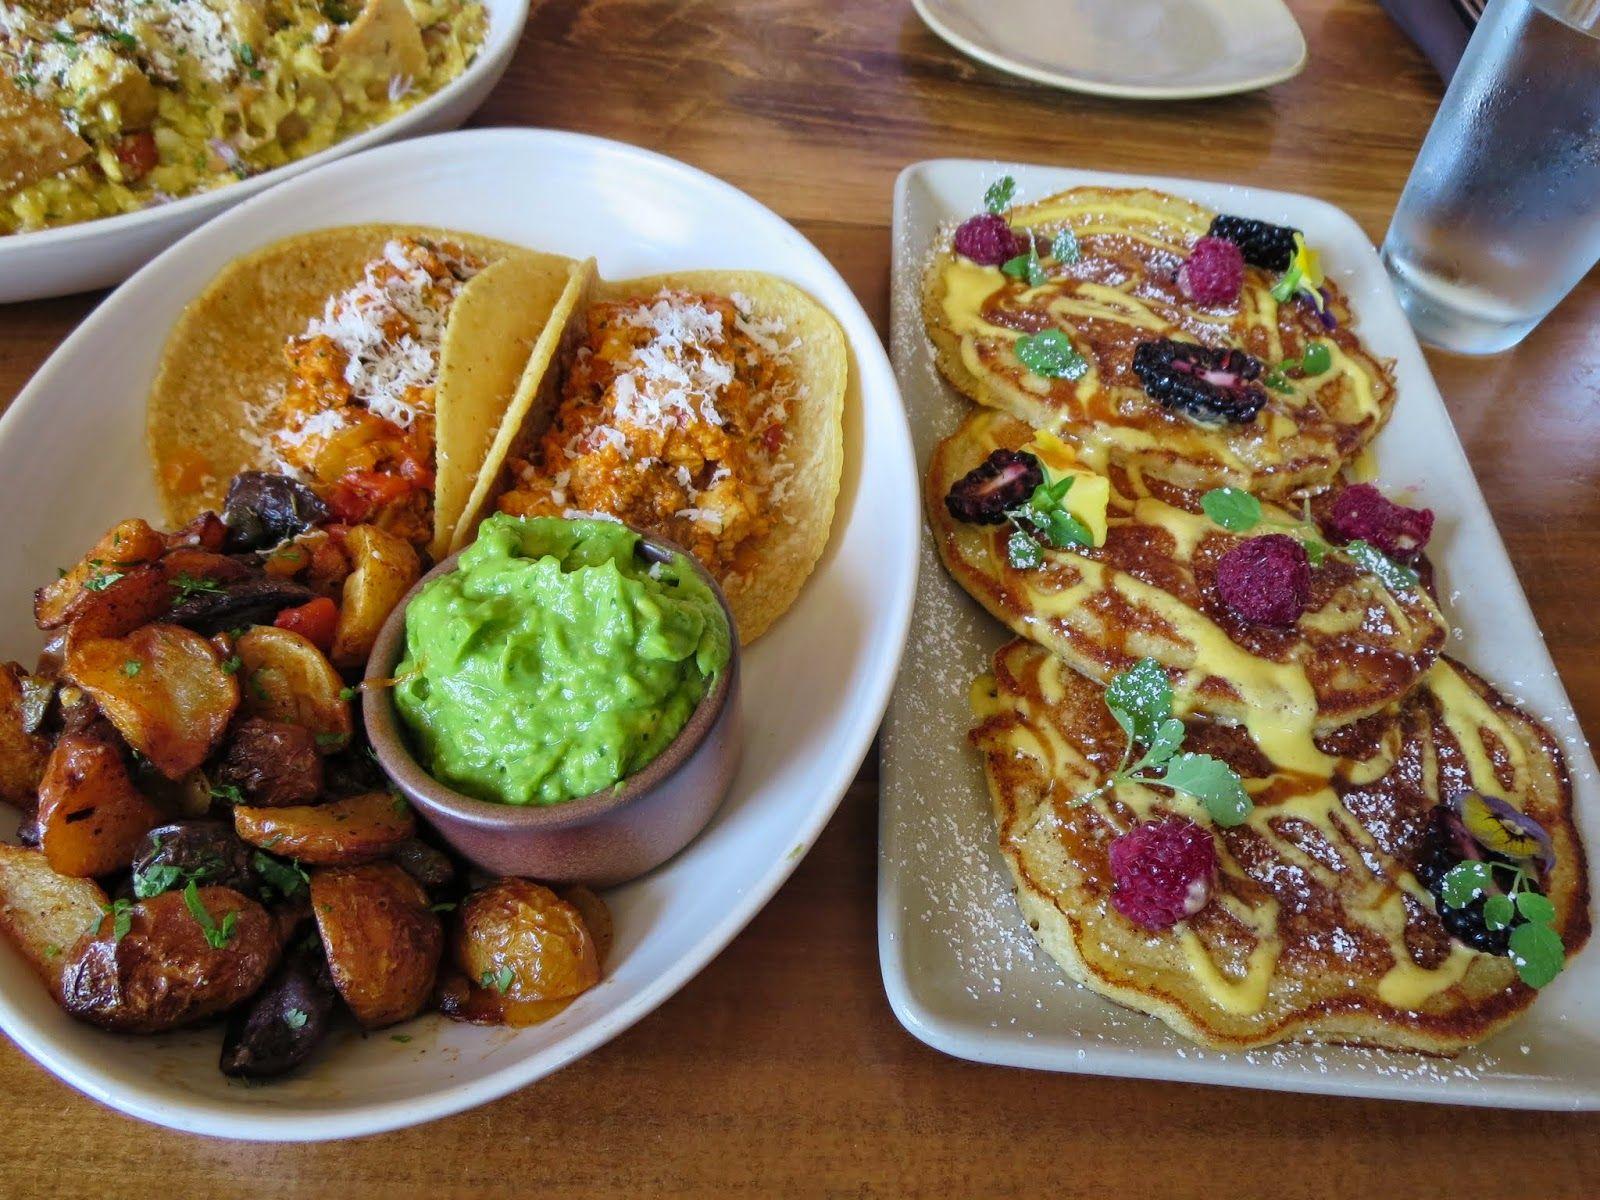 Savory and sweet  San Francisco Eats - Brunch at Padrecito ~ Sidewalk Safari